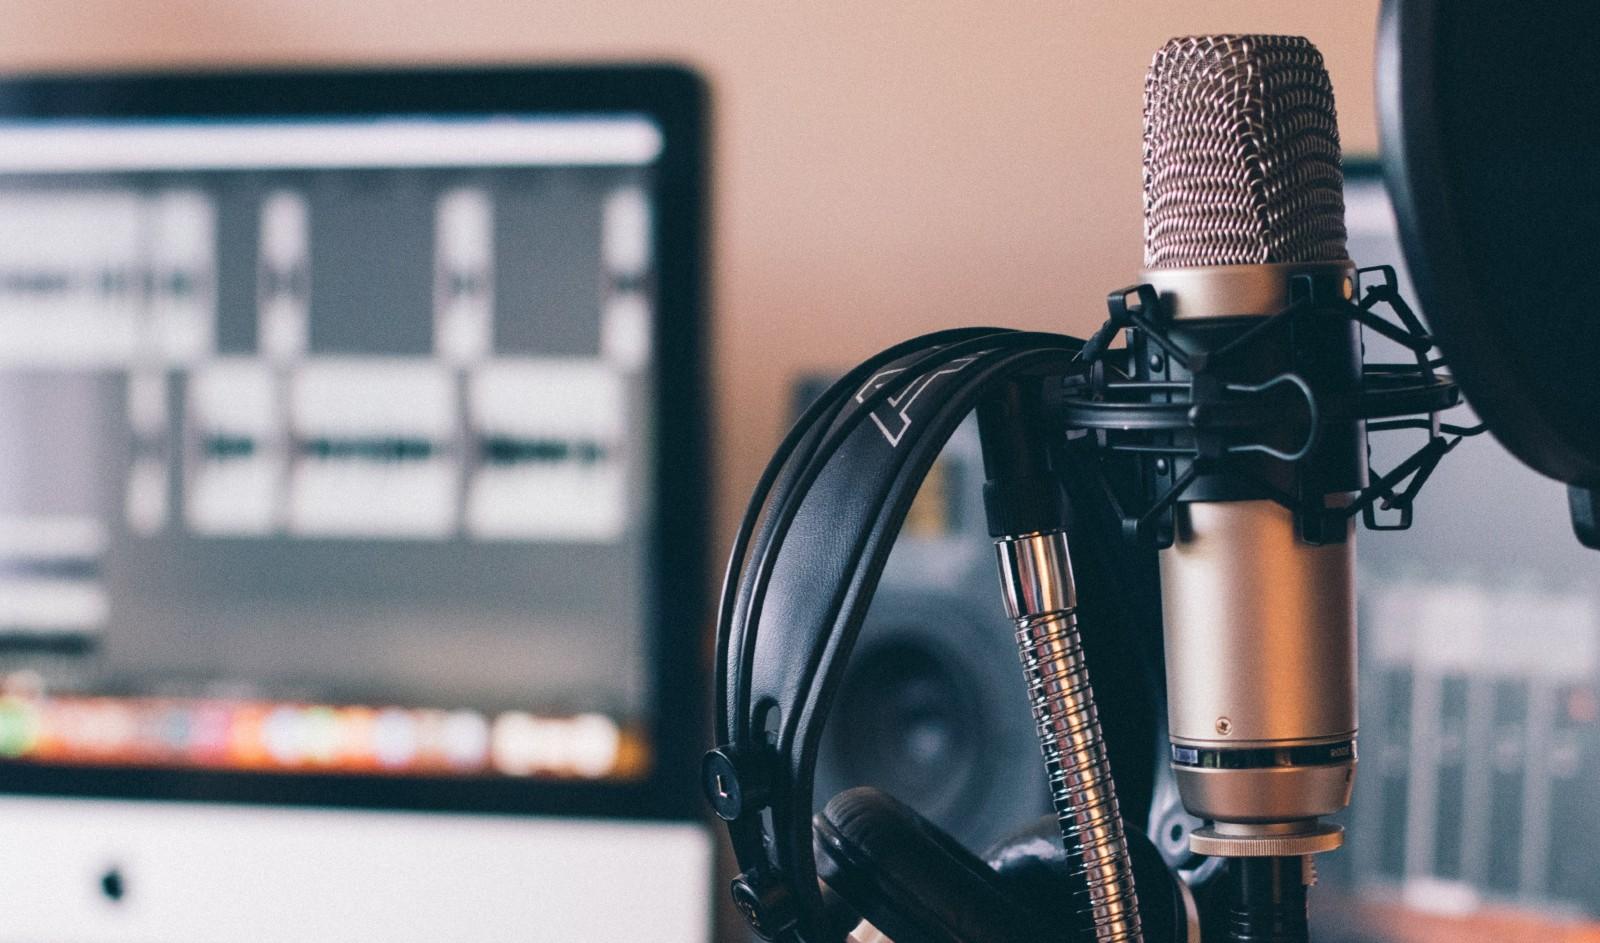 podcast-mic-headphones